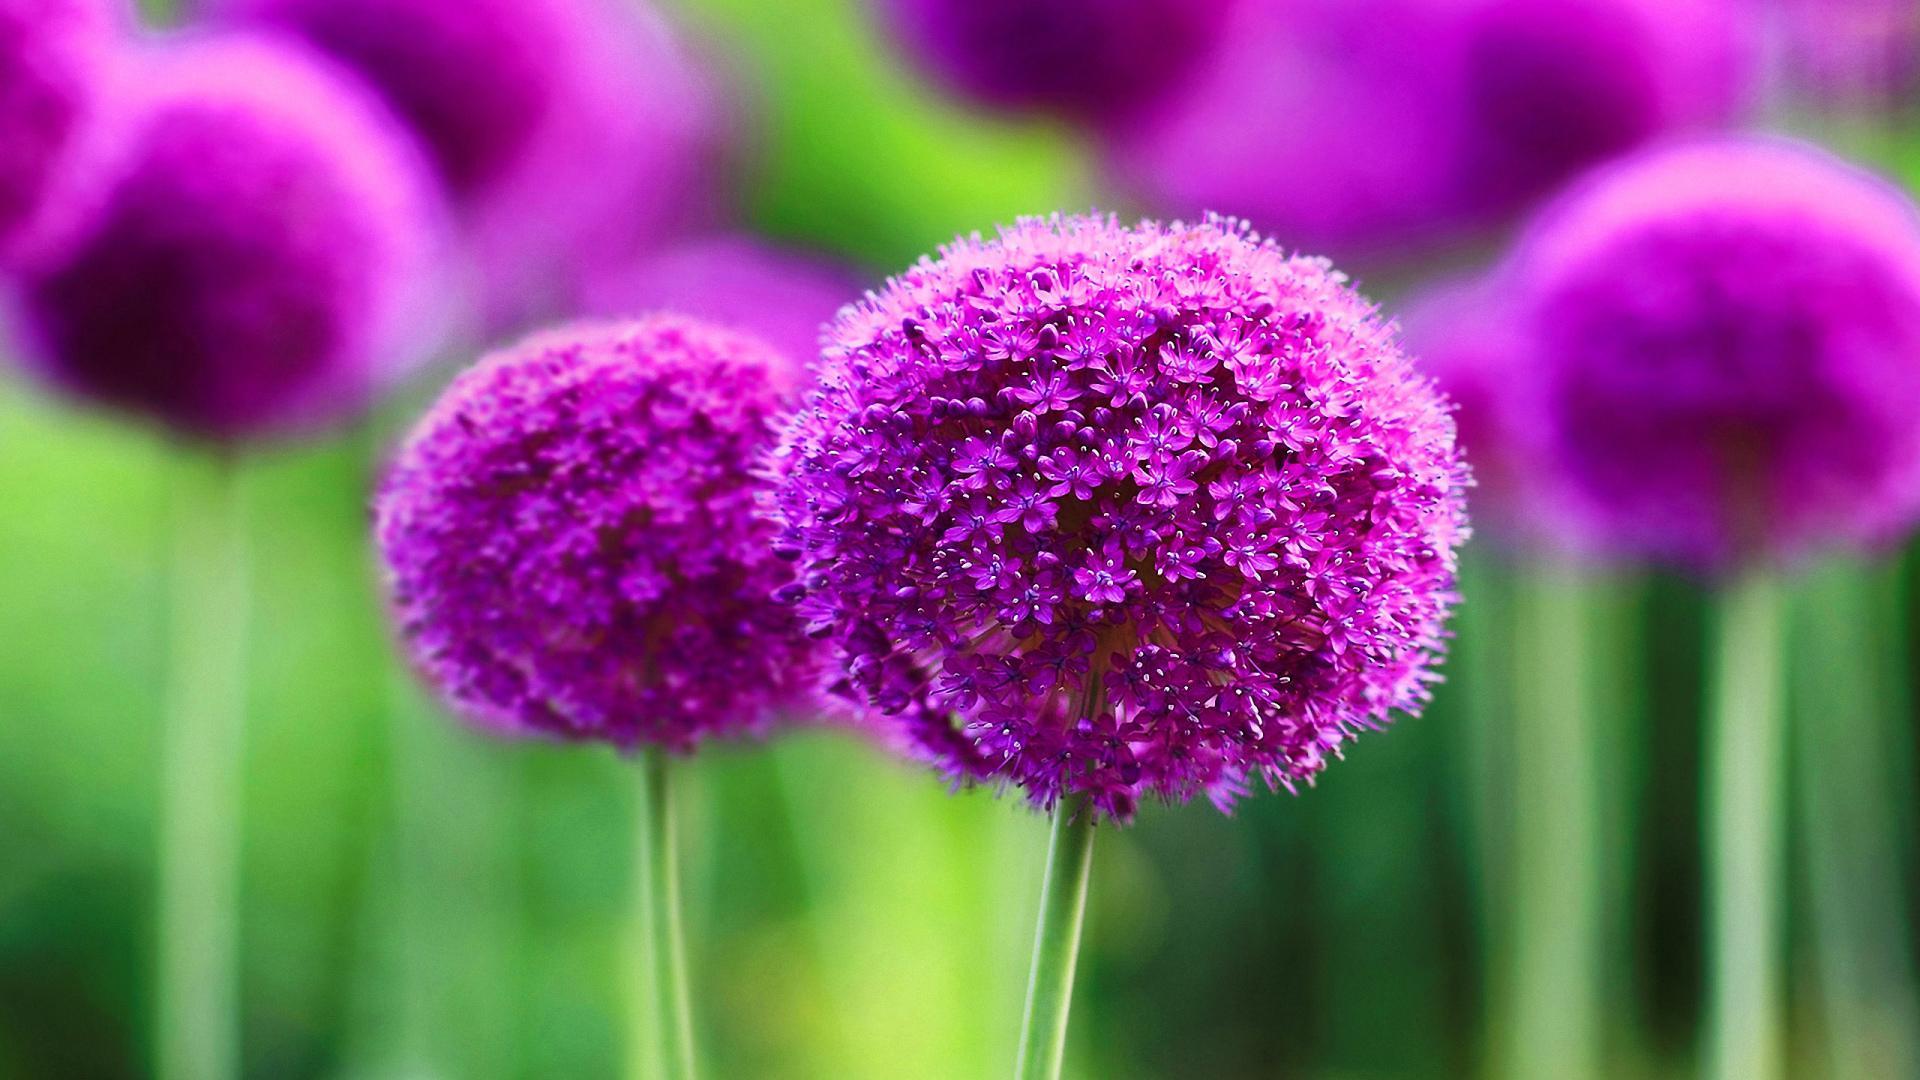 розово-фиолетовая поляна бесплатно